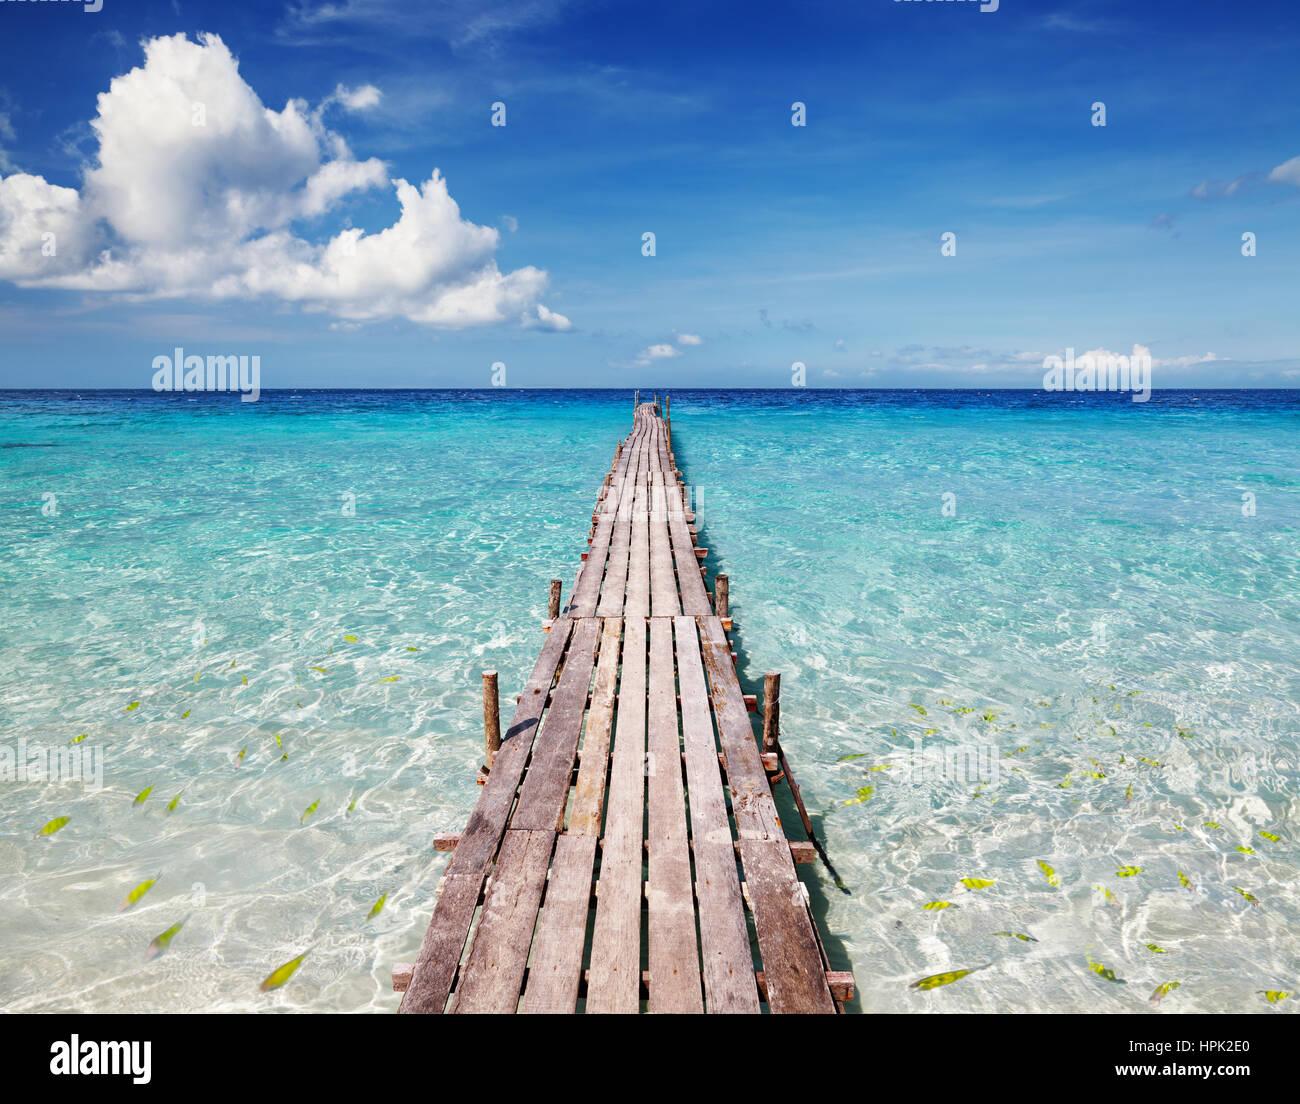 Il molo di legno su un isola tropicale, un mare limpido e azzurro del cielo Immagini Stock